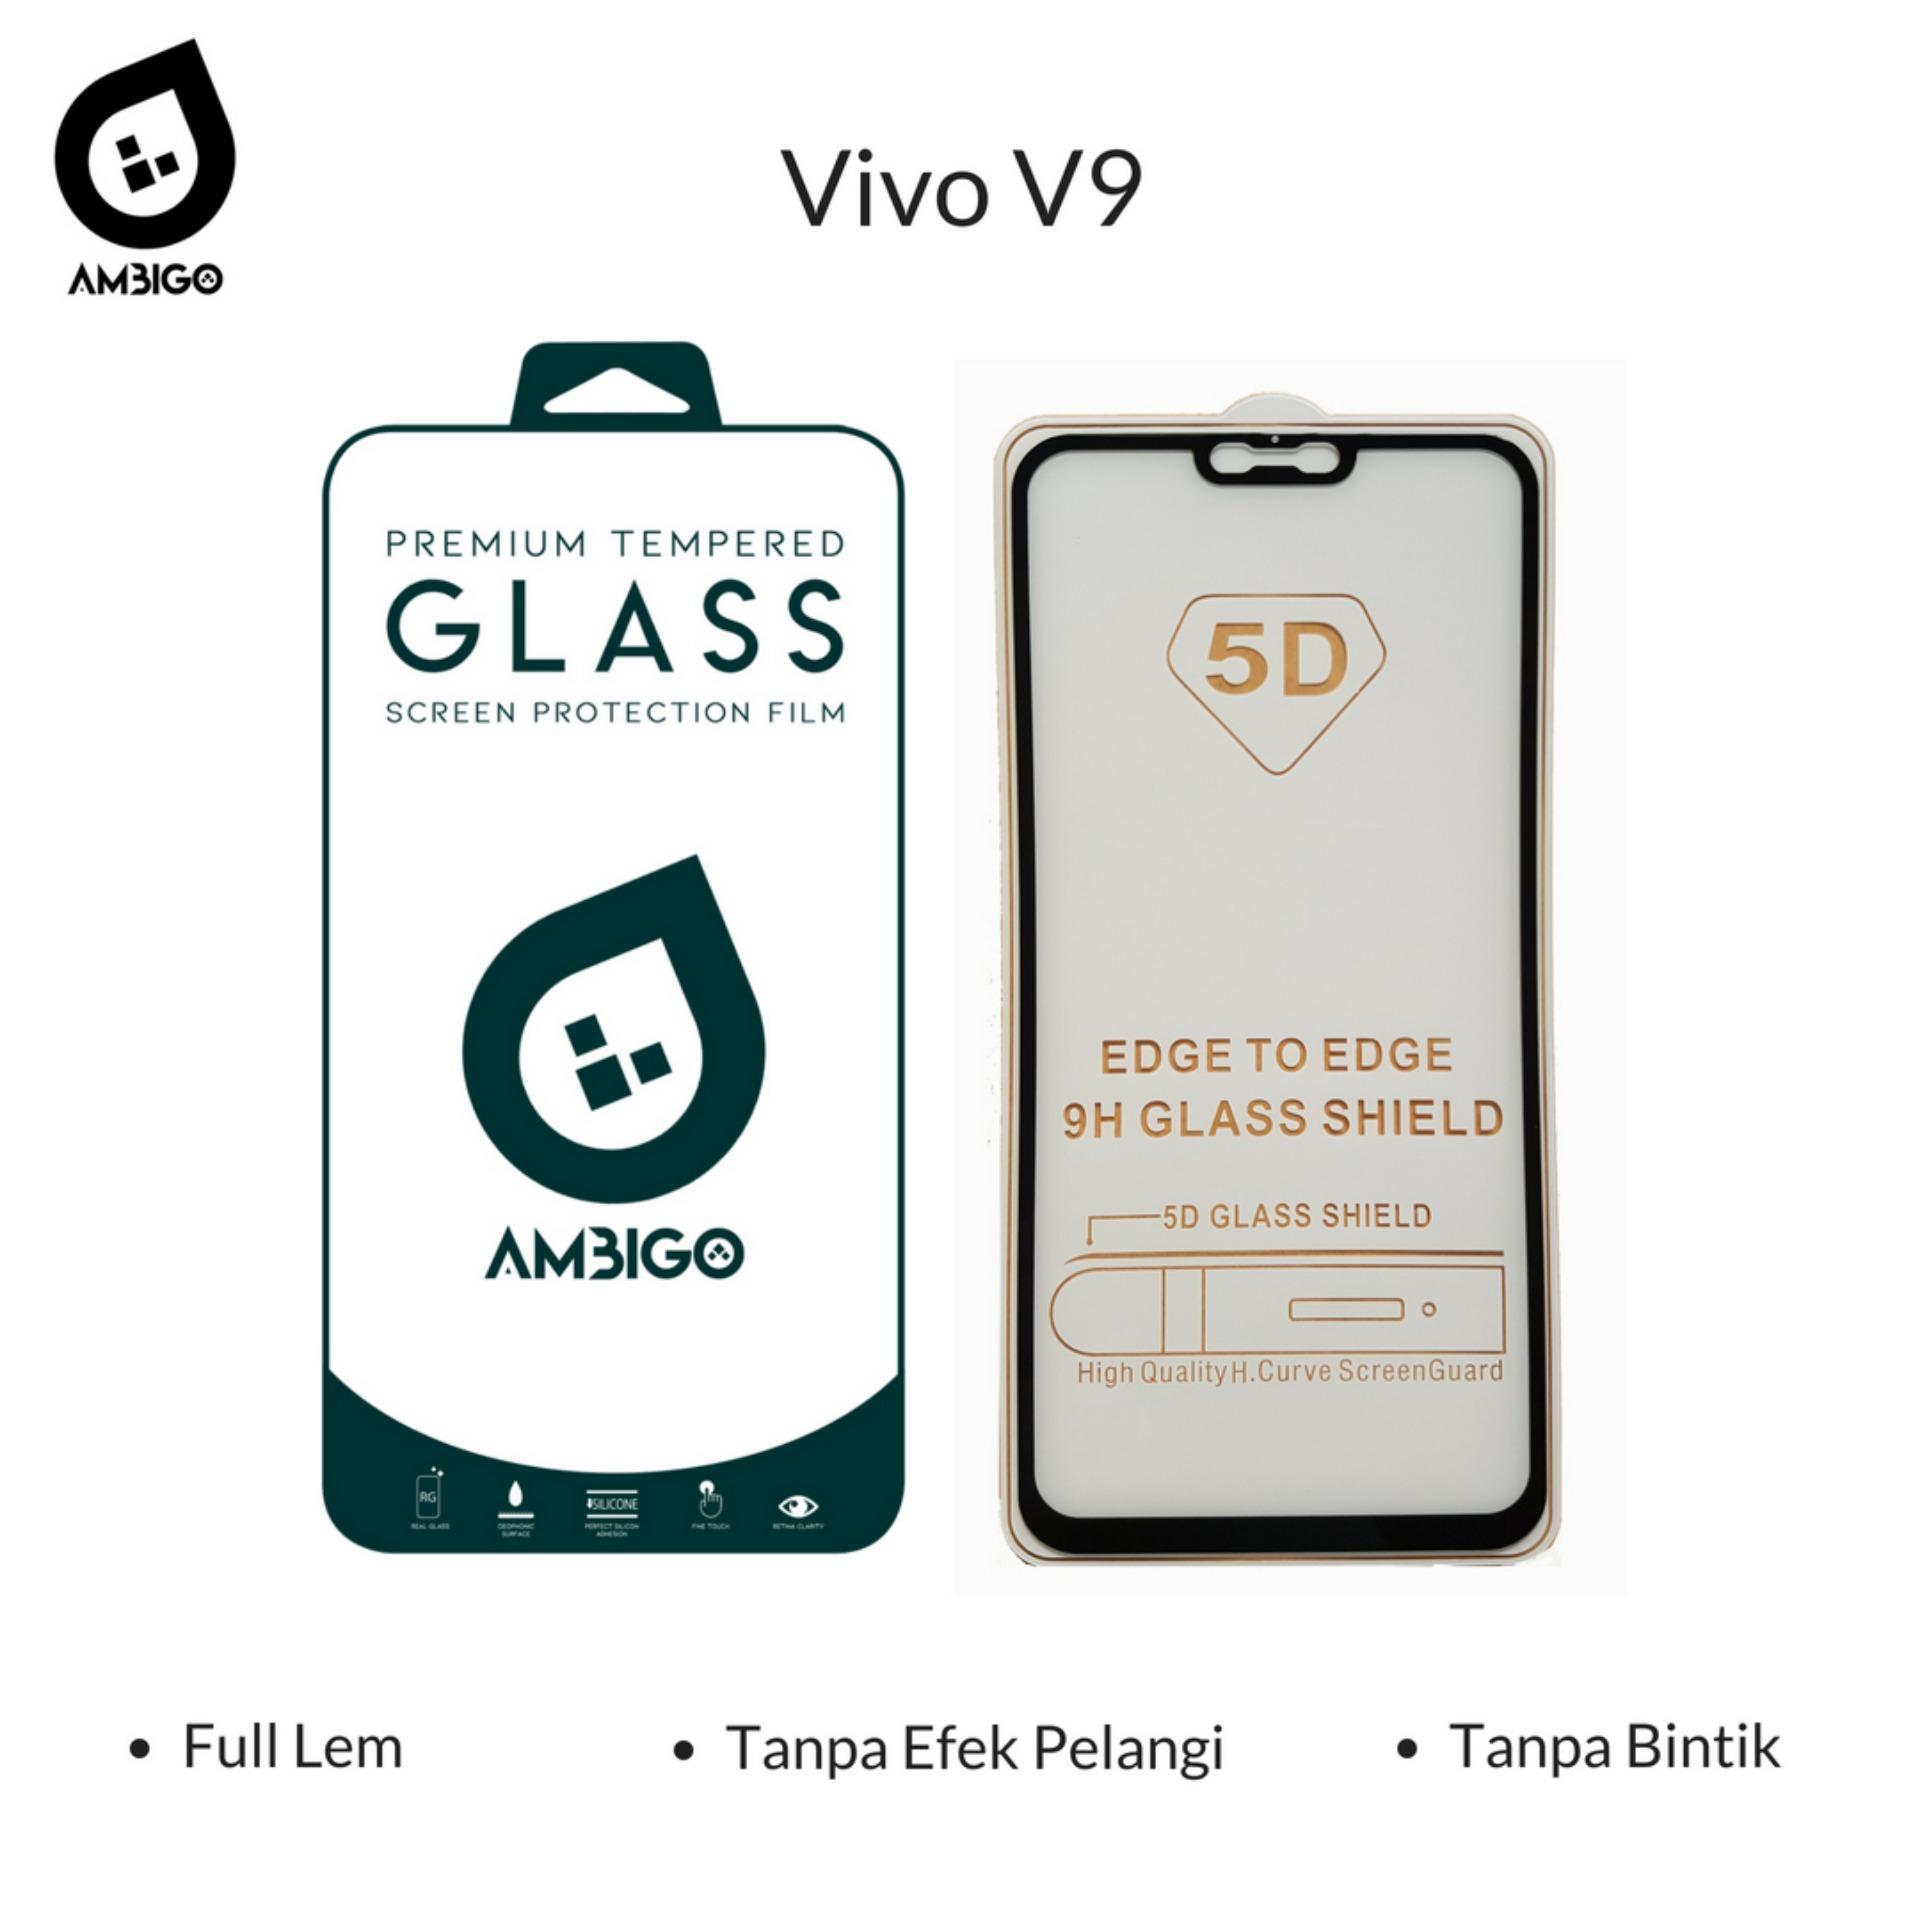 Ambigo 5D Tempered Glass Screen Protector Vivo V9 Full Cover Glue - Black